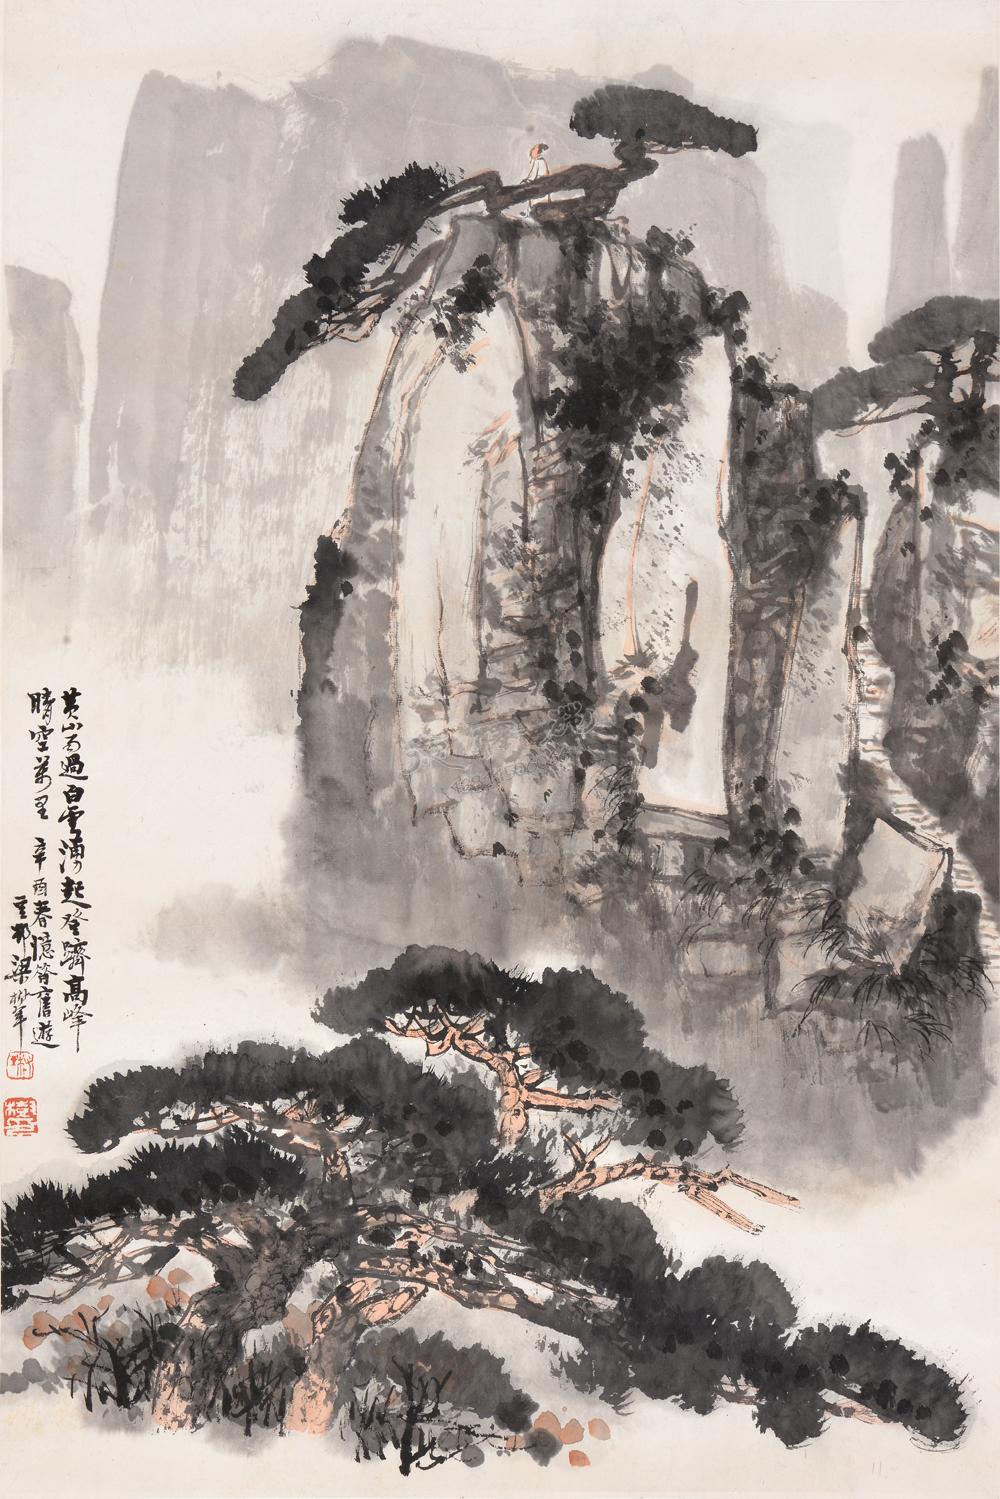 作品欣赏()梁树年国画 - 笑然 - xiaoran321456 的博客